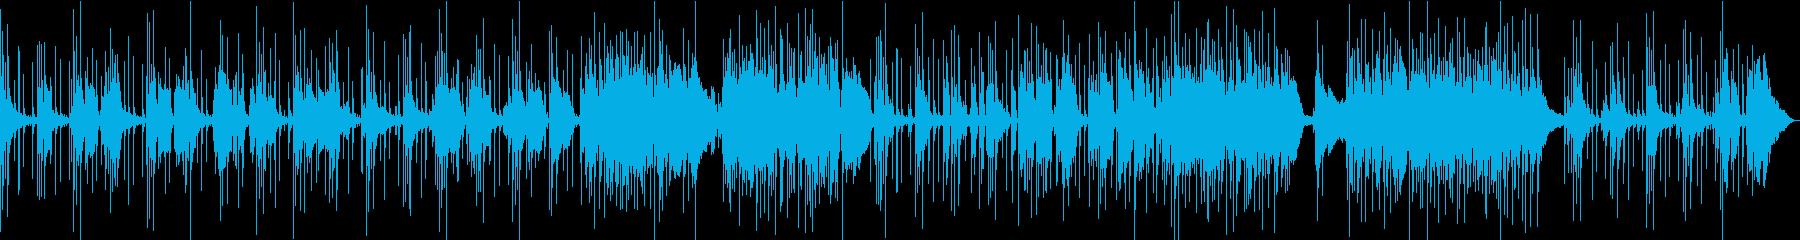 英詞UK的幻想サイケ12弦アコギバラードの再生済みの波形